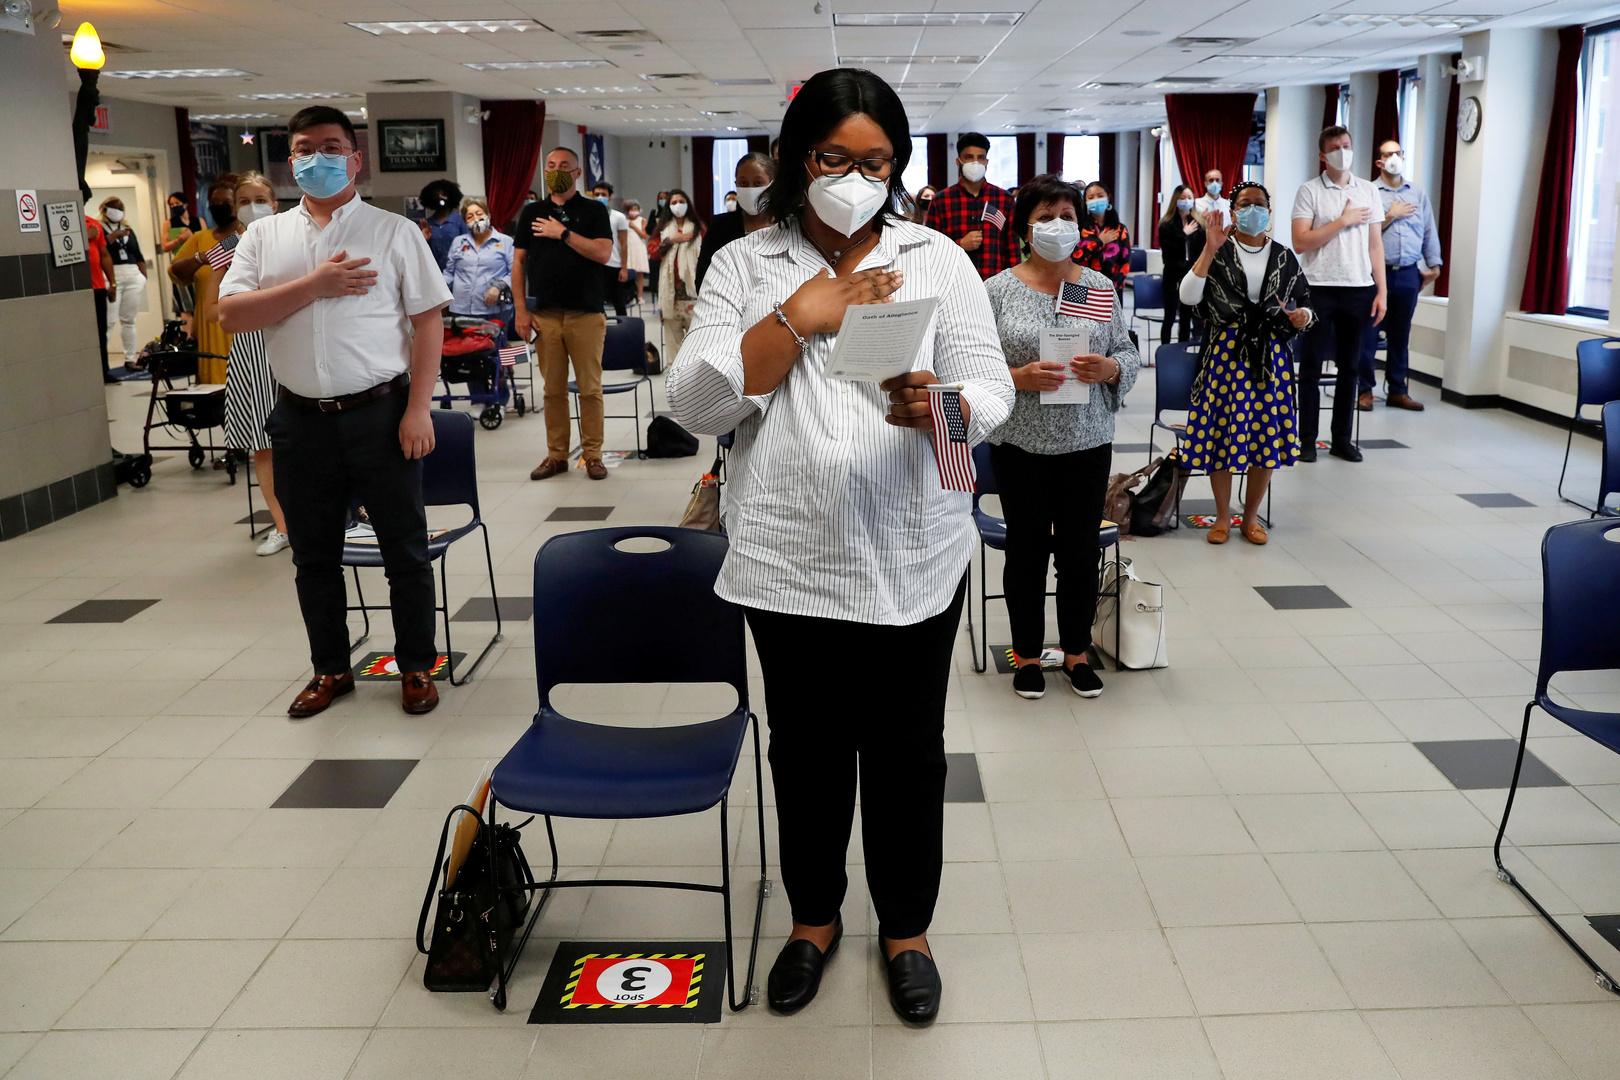 عدد ضحايا الفيروس التاجي في العالم يتجاوز 623 ألفا والمصابين 15 مليونا